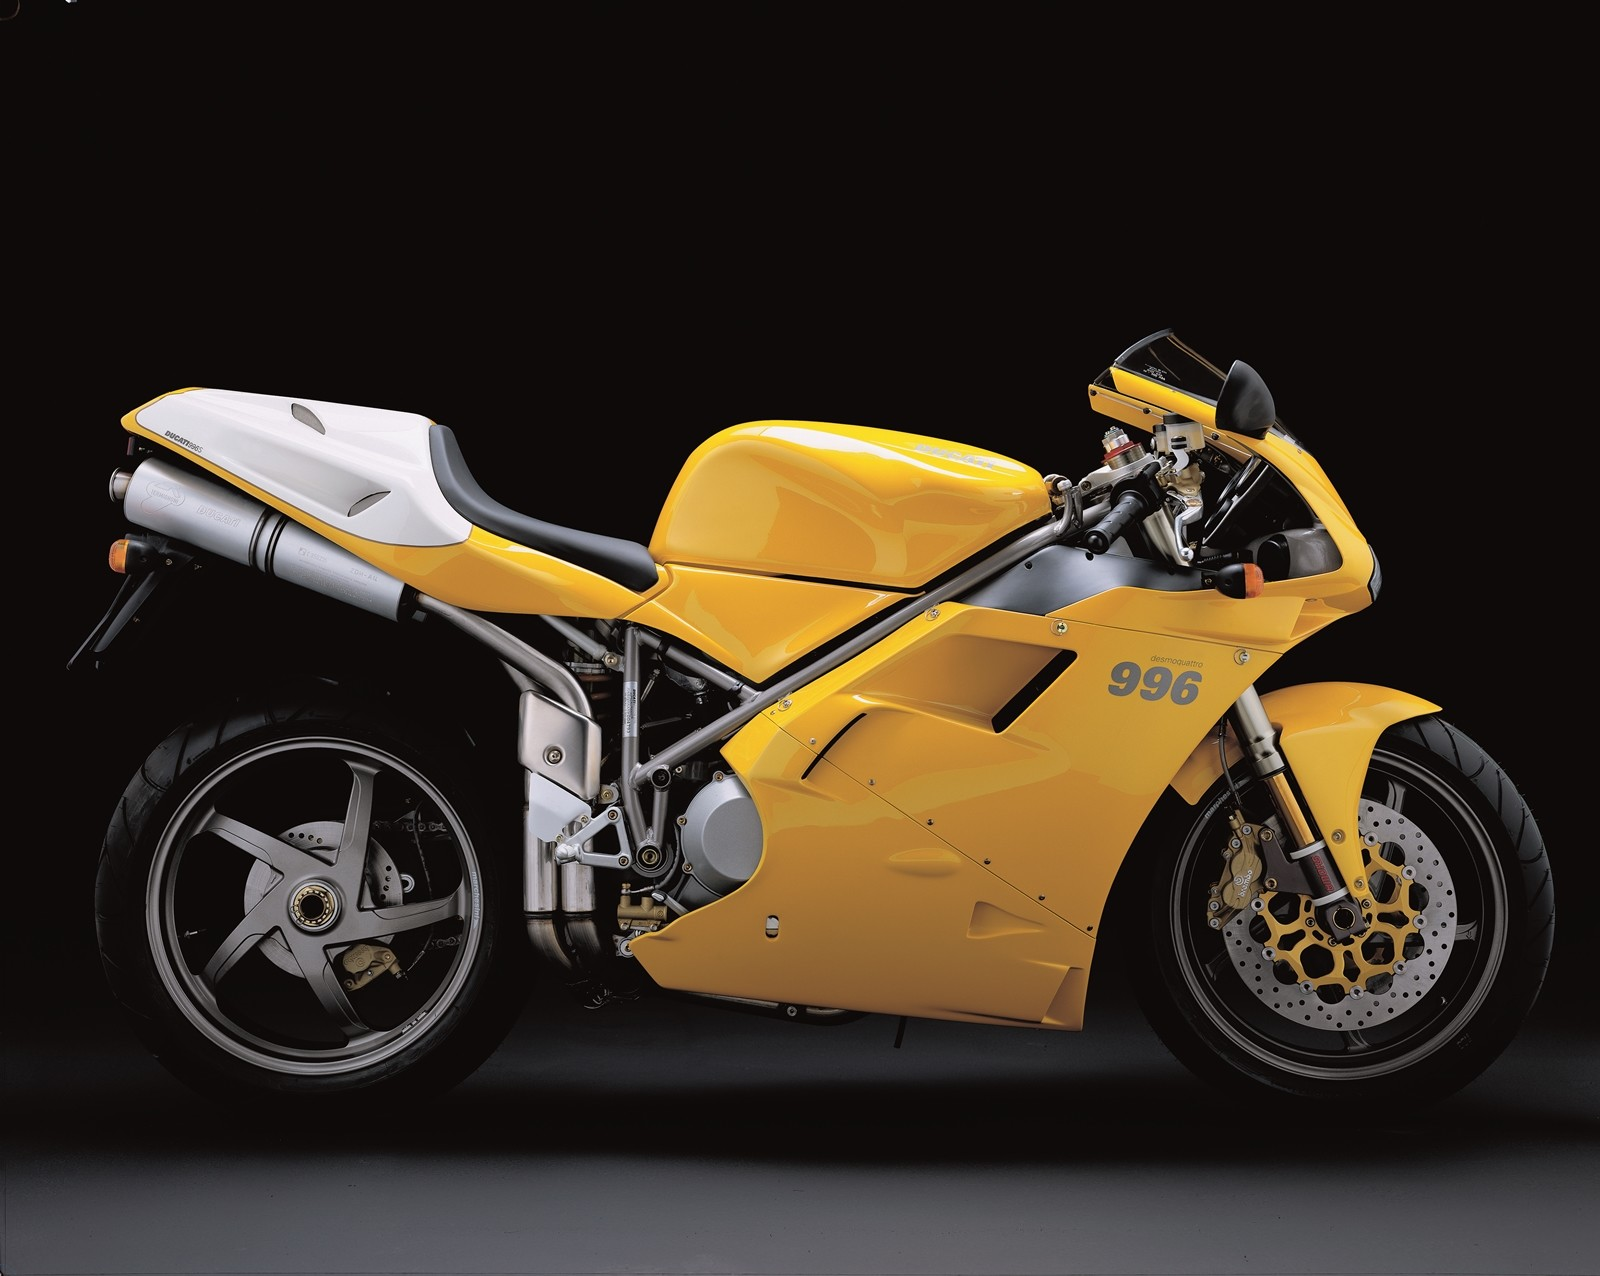 Foto de Ducati Panigale V4 25° Anniversario 916 (70/73)